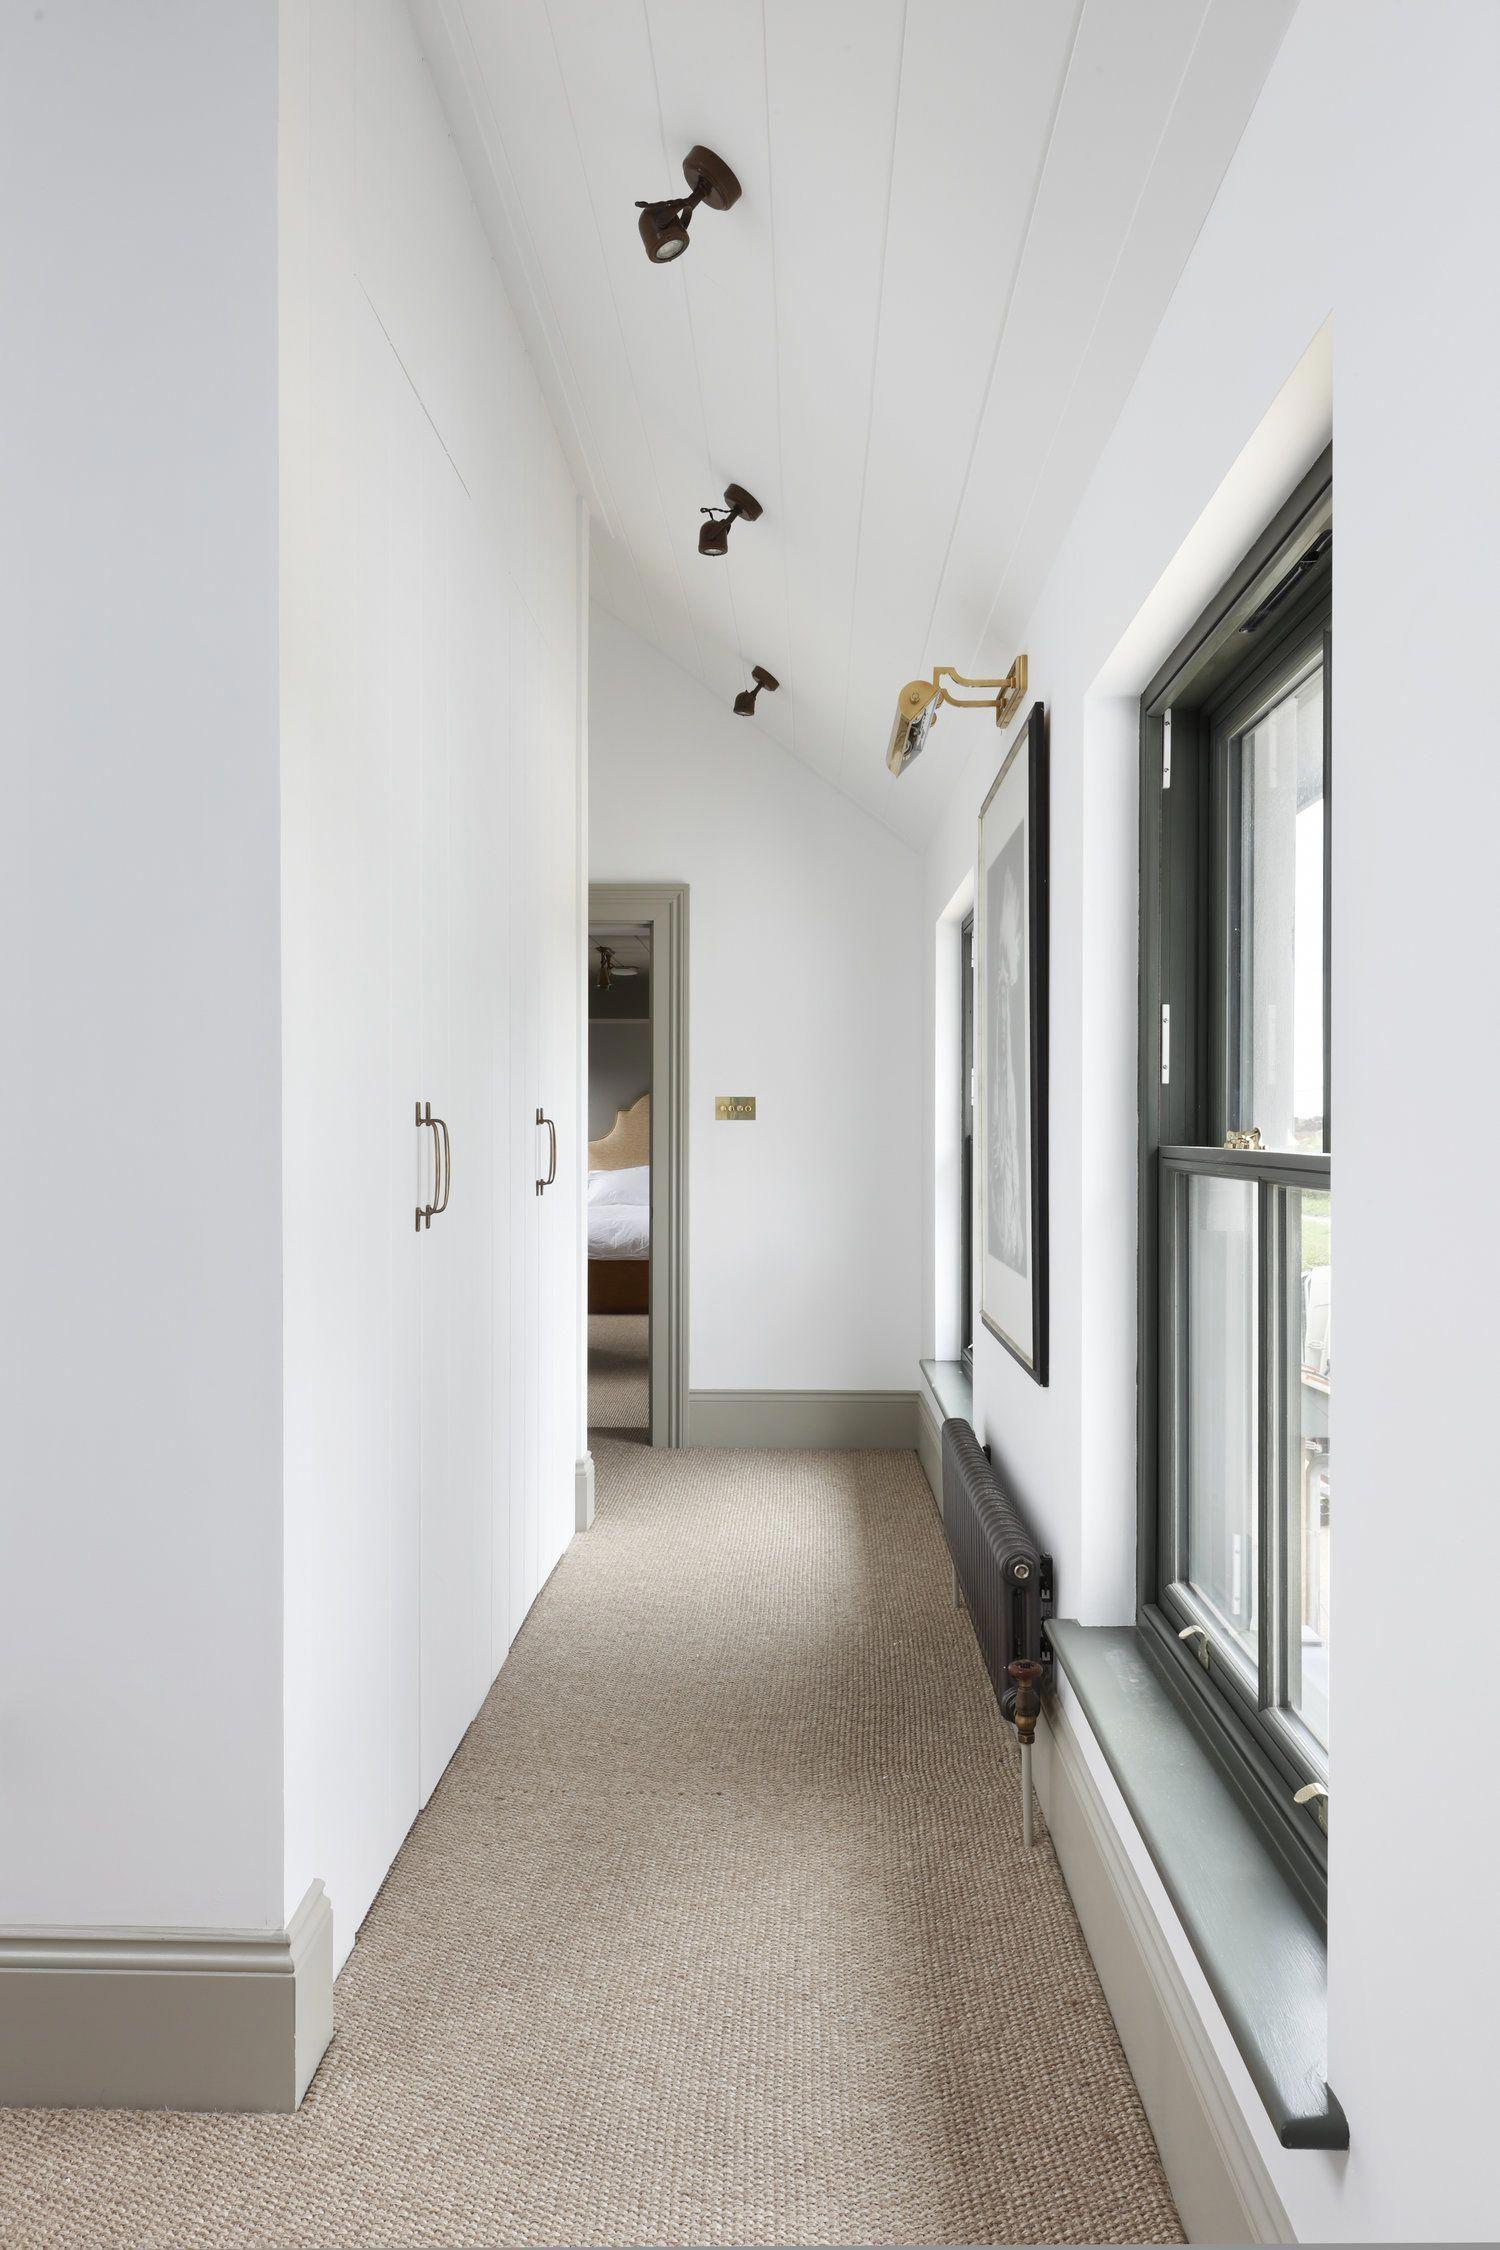 Adm Bathroom Design Discount Code - Home Designing